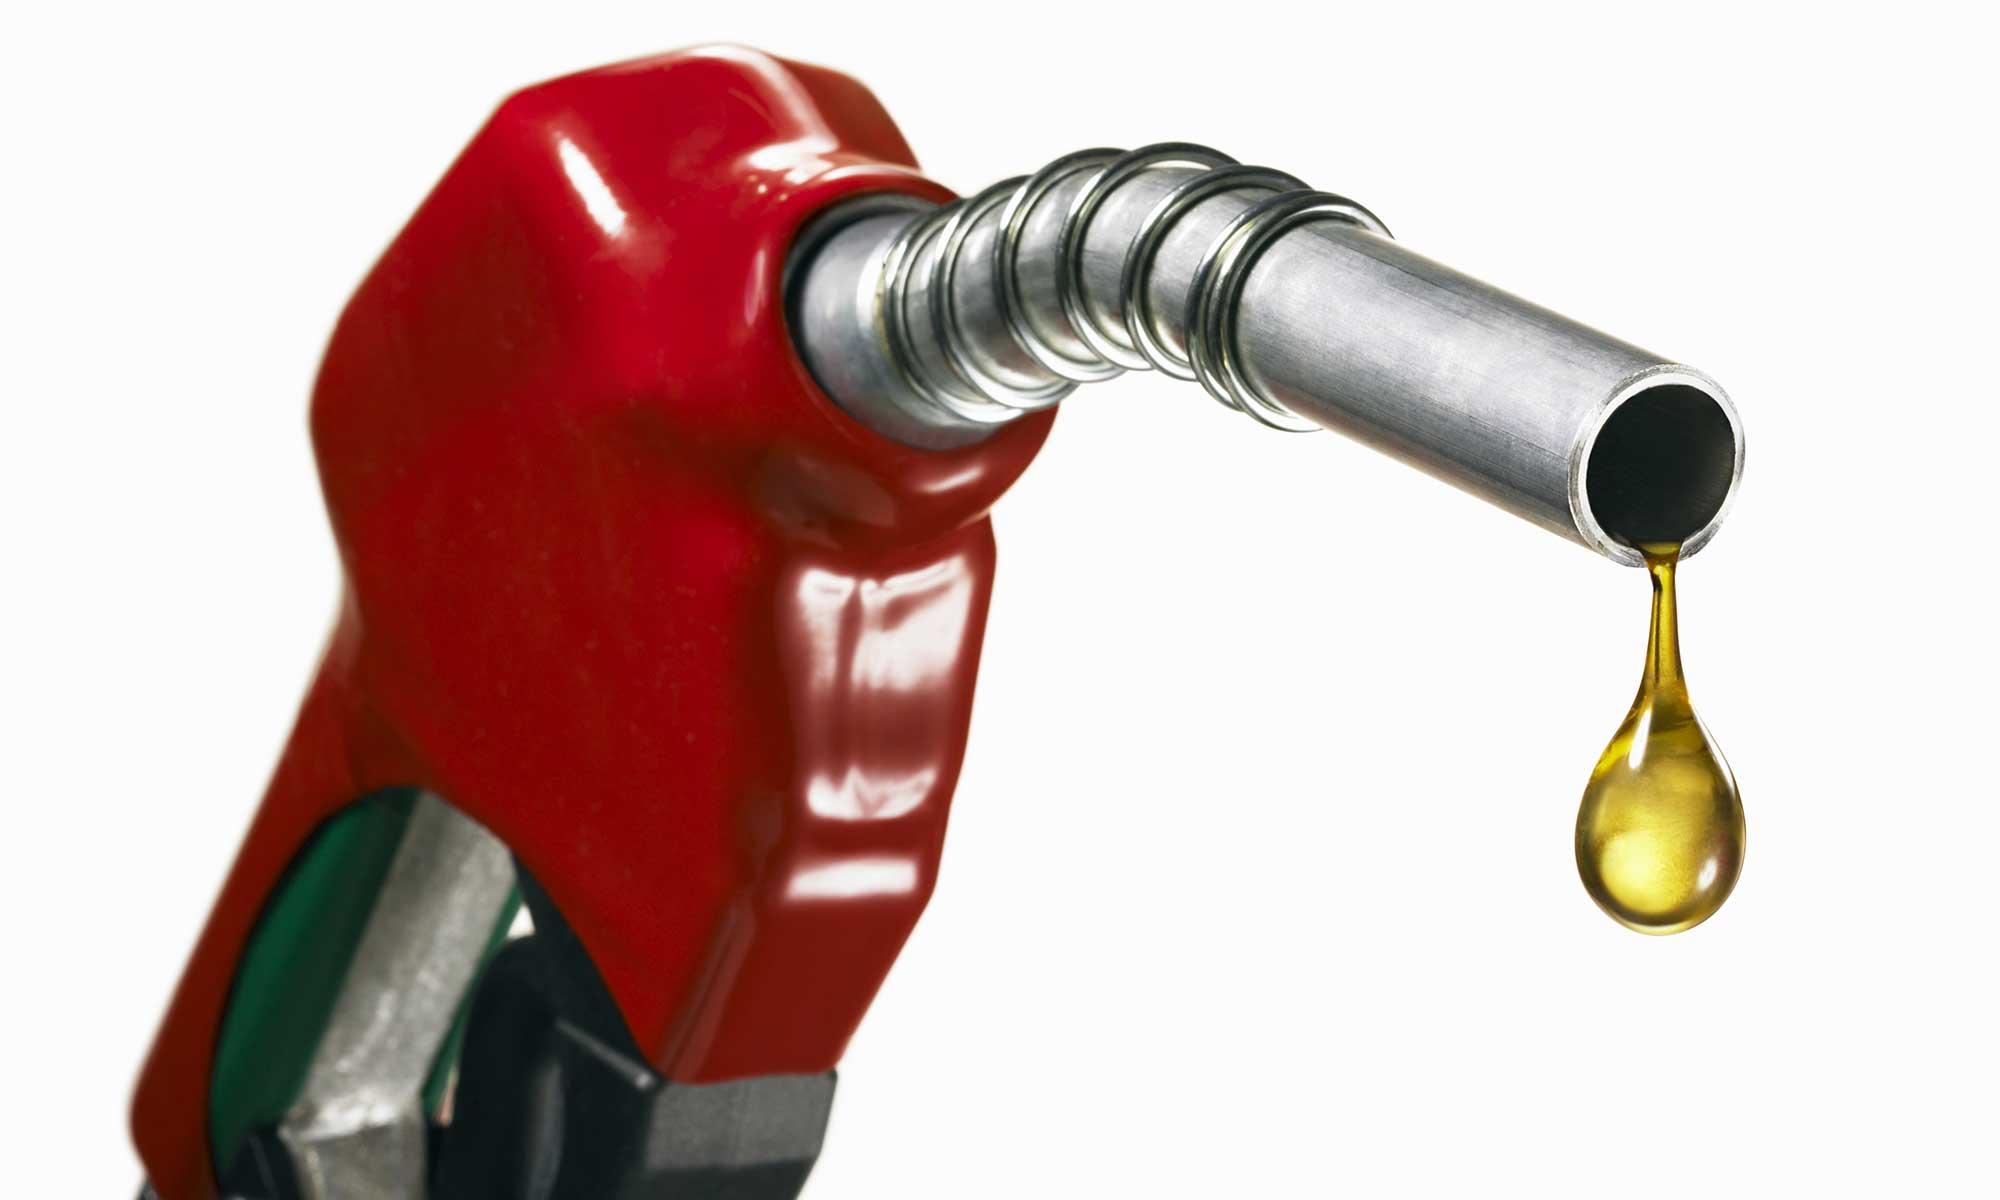 पेट्रोलियम पदार्थको भाउ २ रुपैयाँ बढ्यो